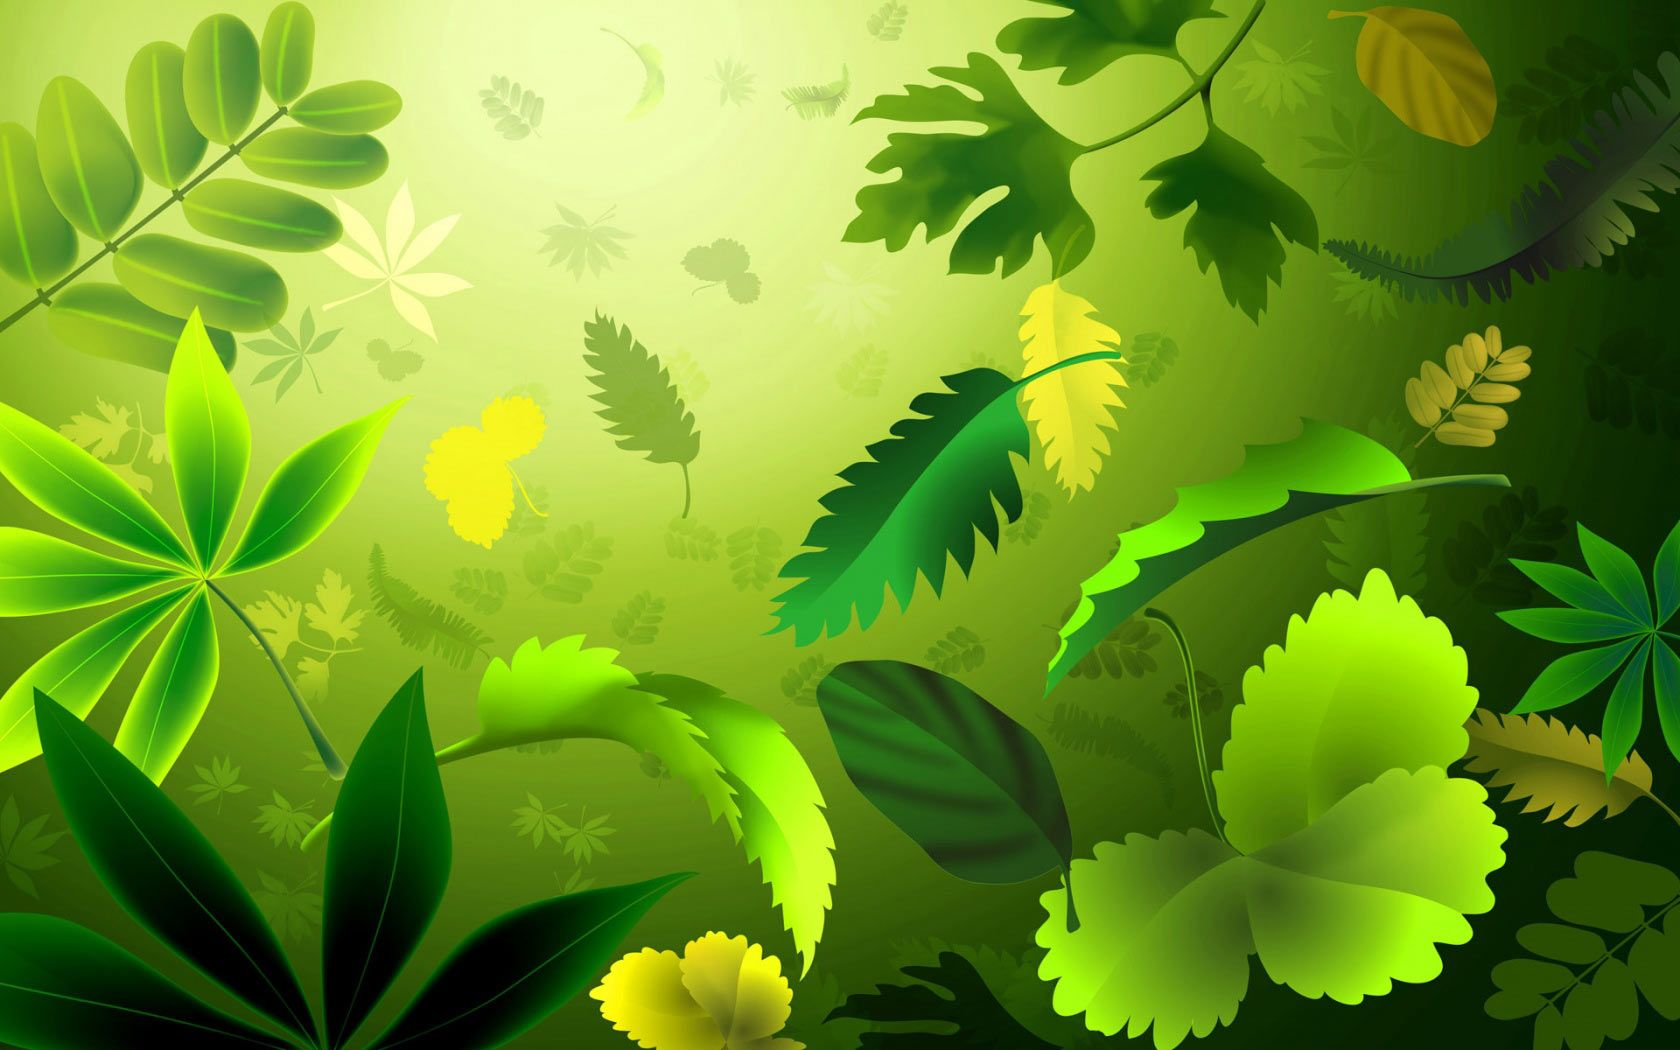 Nature Clipart Background Desktop Wallpaper Art Green 1680x1050